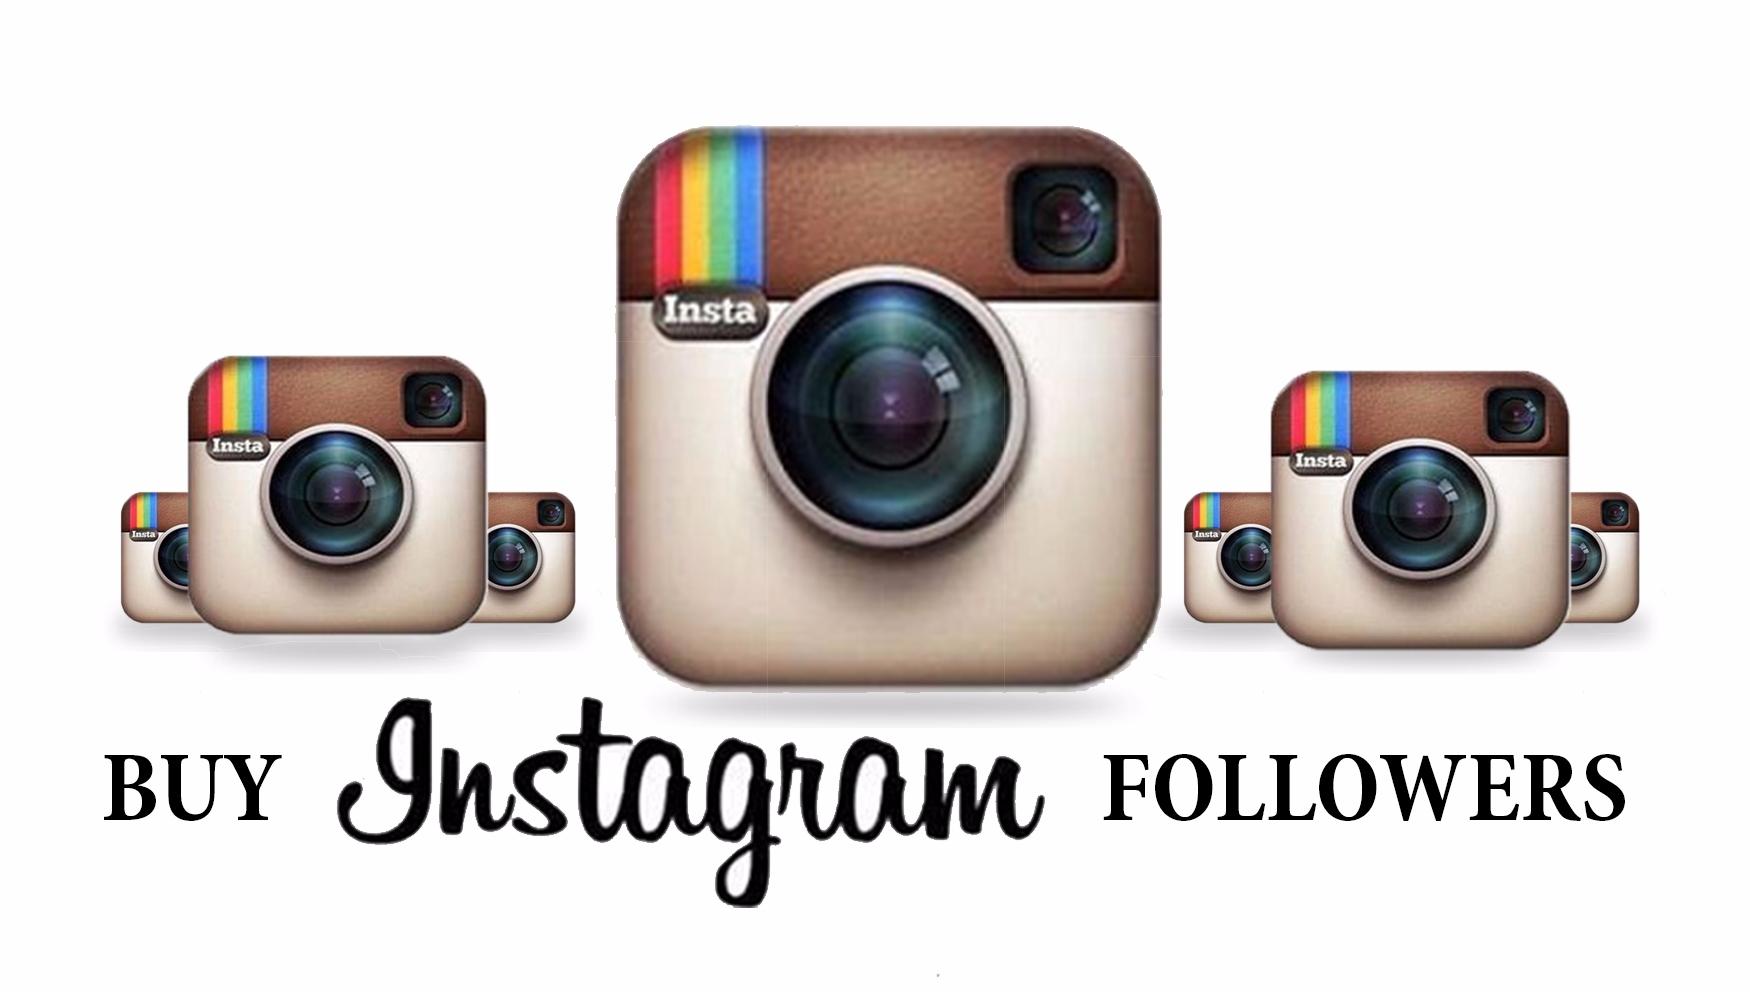 followers pas cher (@followerspascher) Cover Image